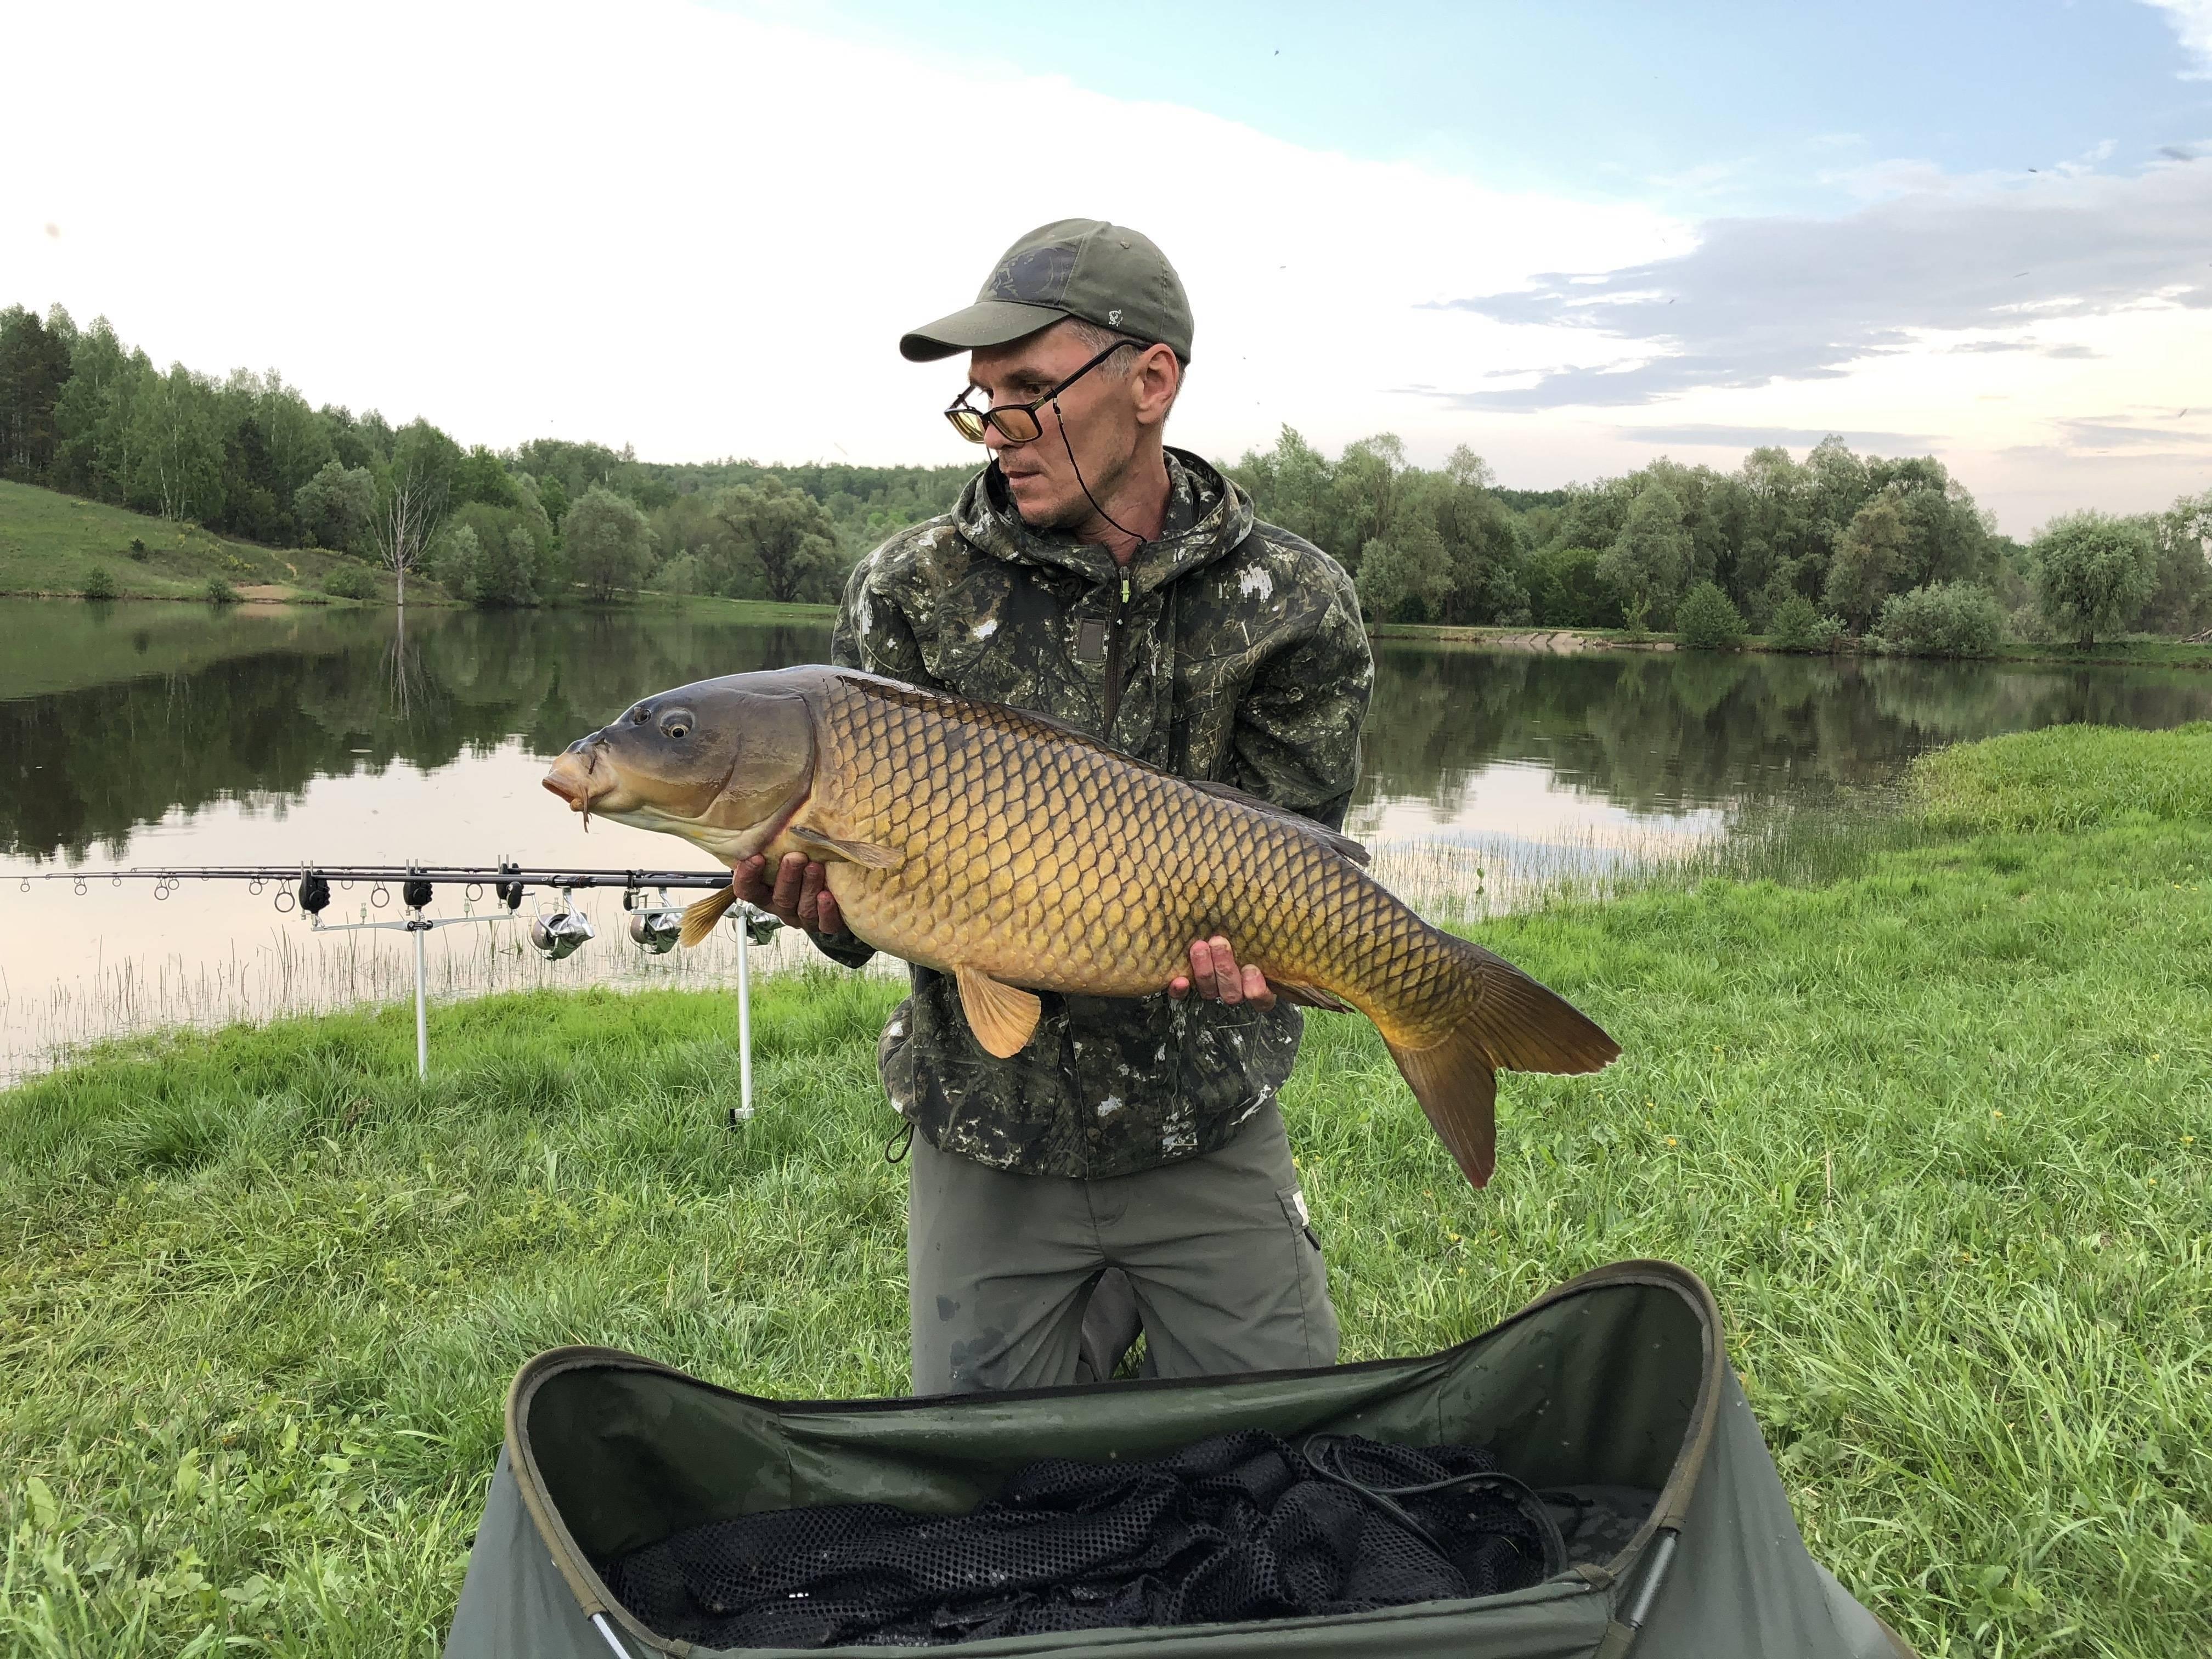 Ульяновск - календарь рыболова. рыбалка в ульяновске, график клёва рыбы.